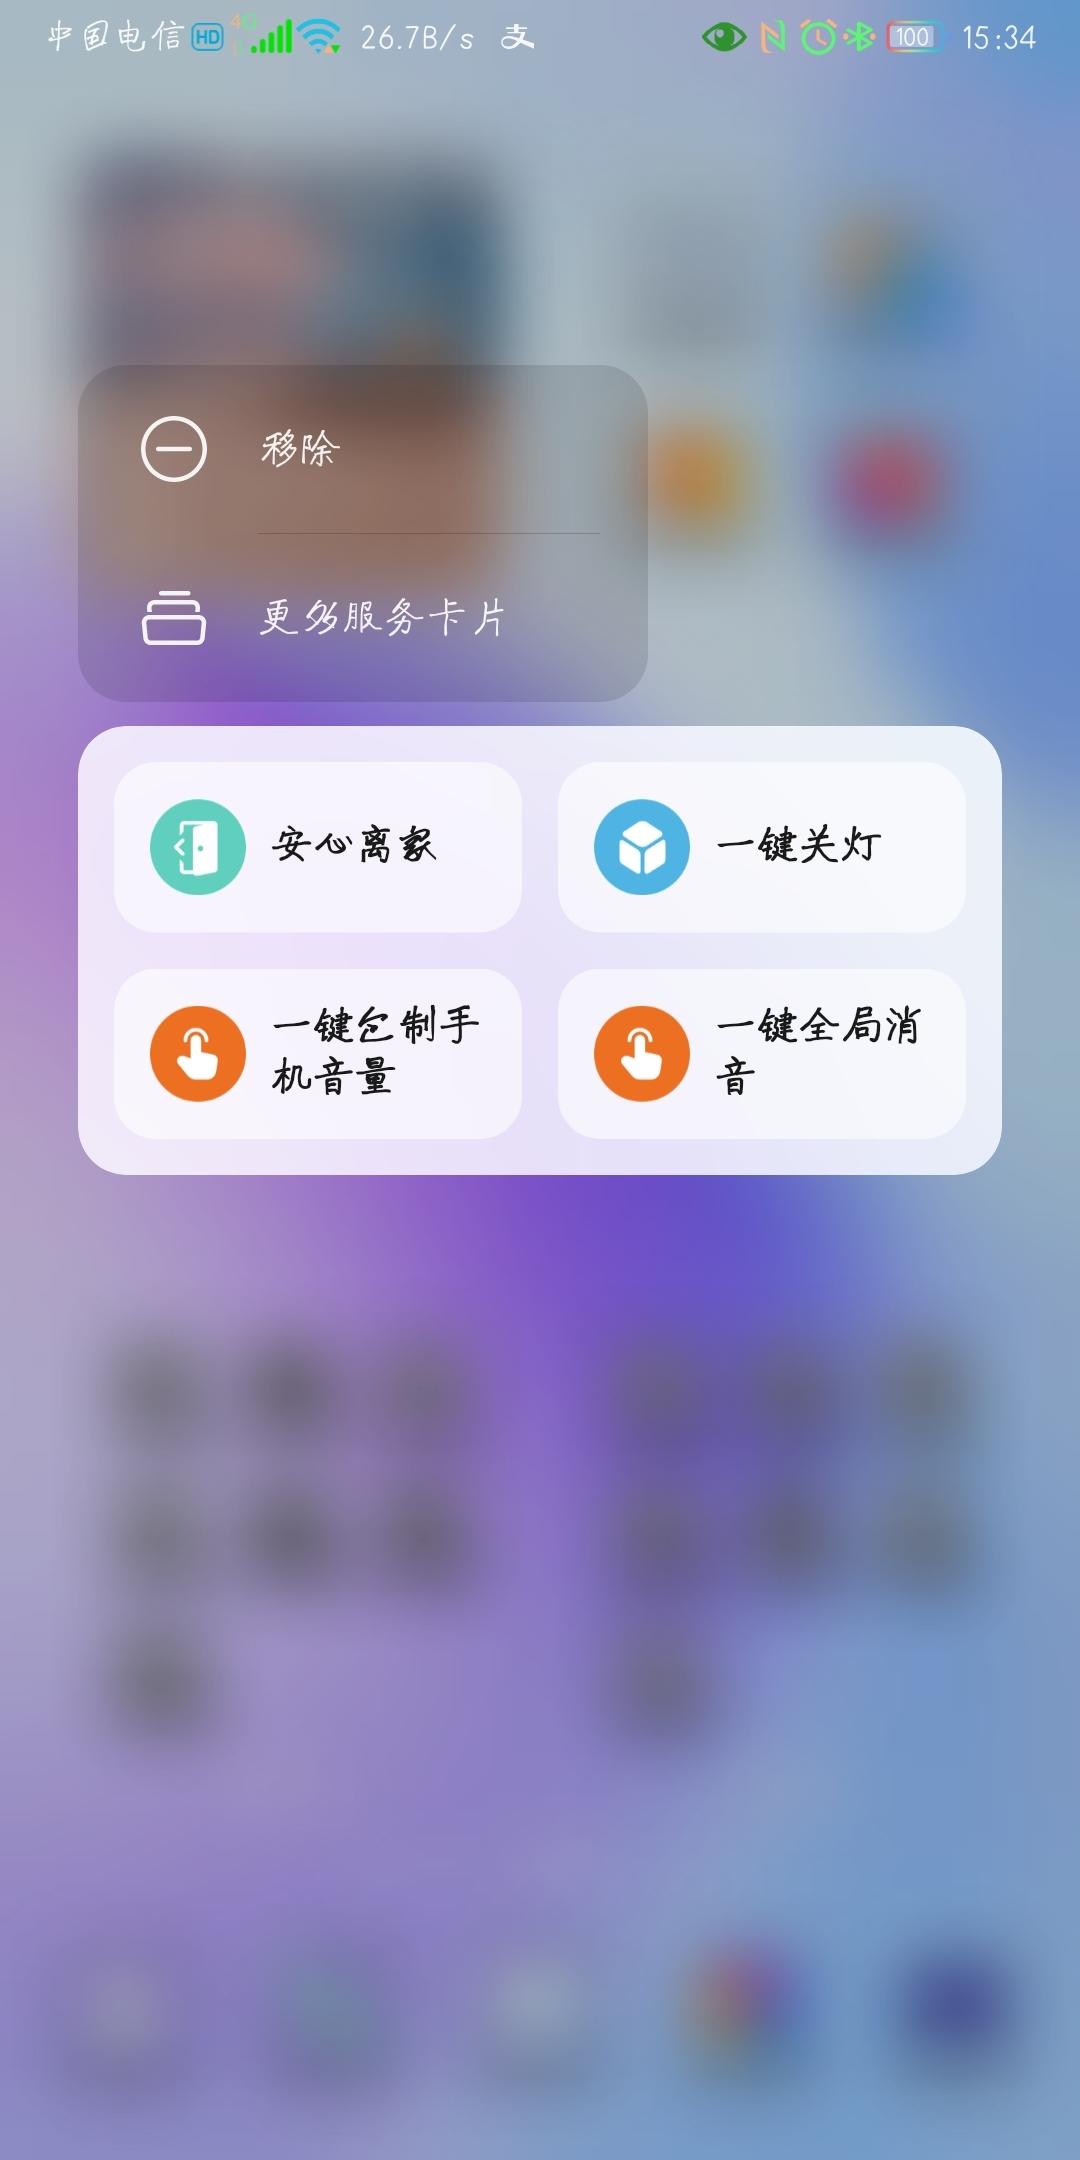 Screenshot_20210903_153455_com.huawei.android.launcher.jpg